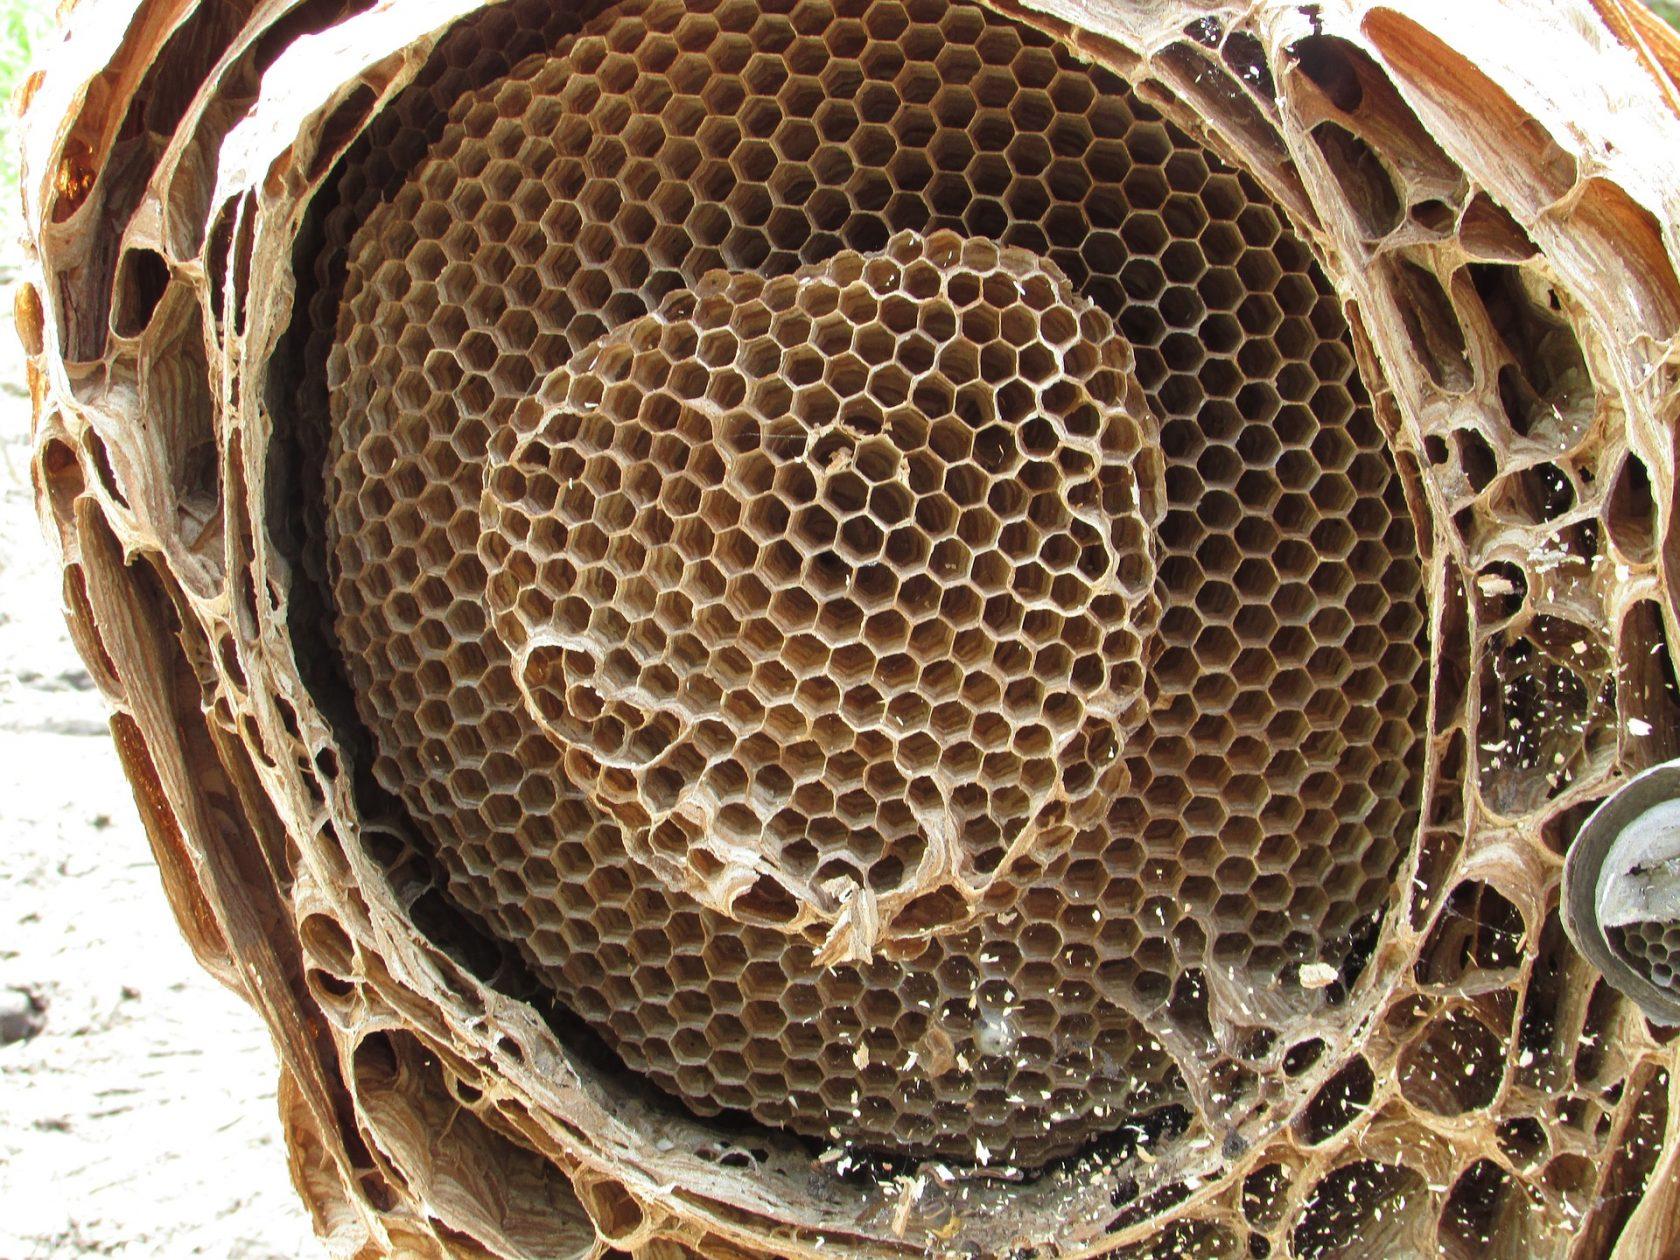 Hornet Nest Inside